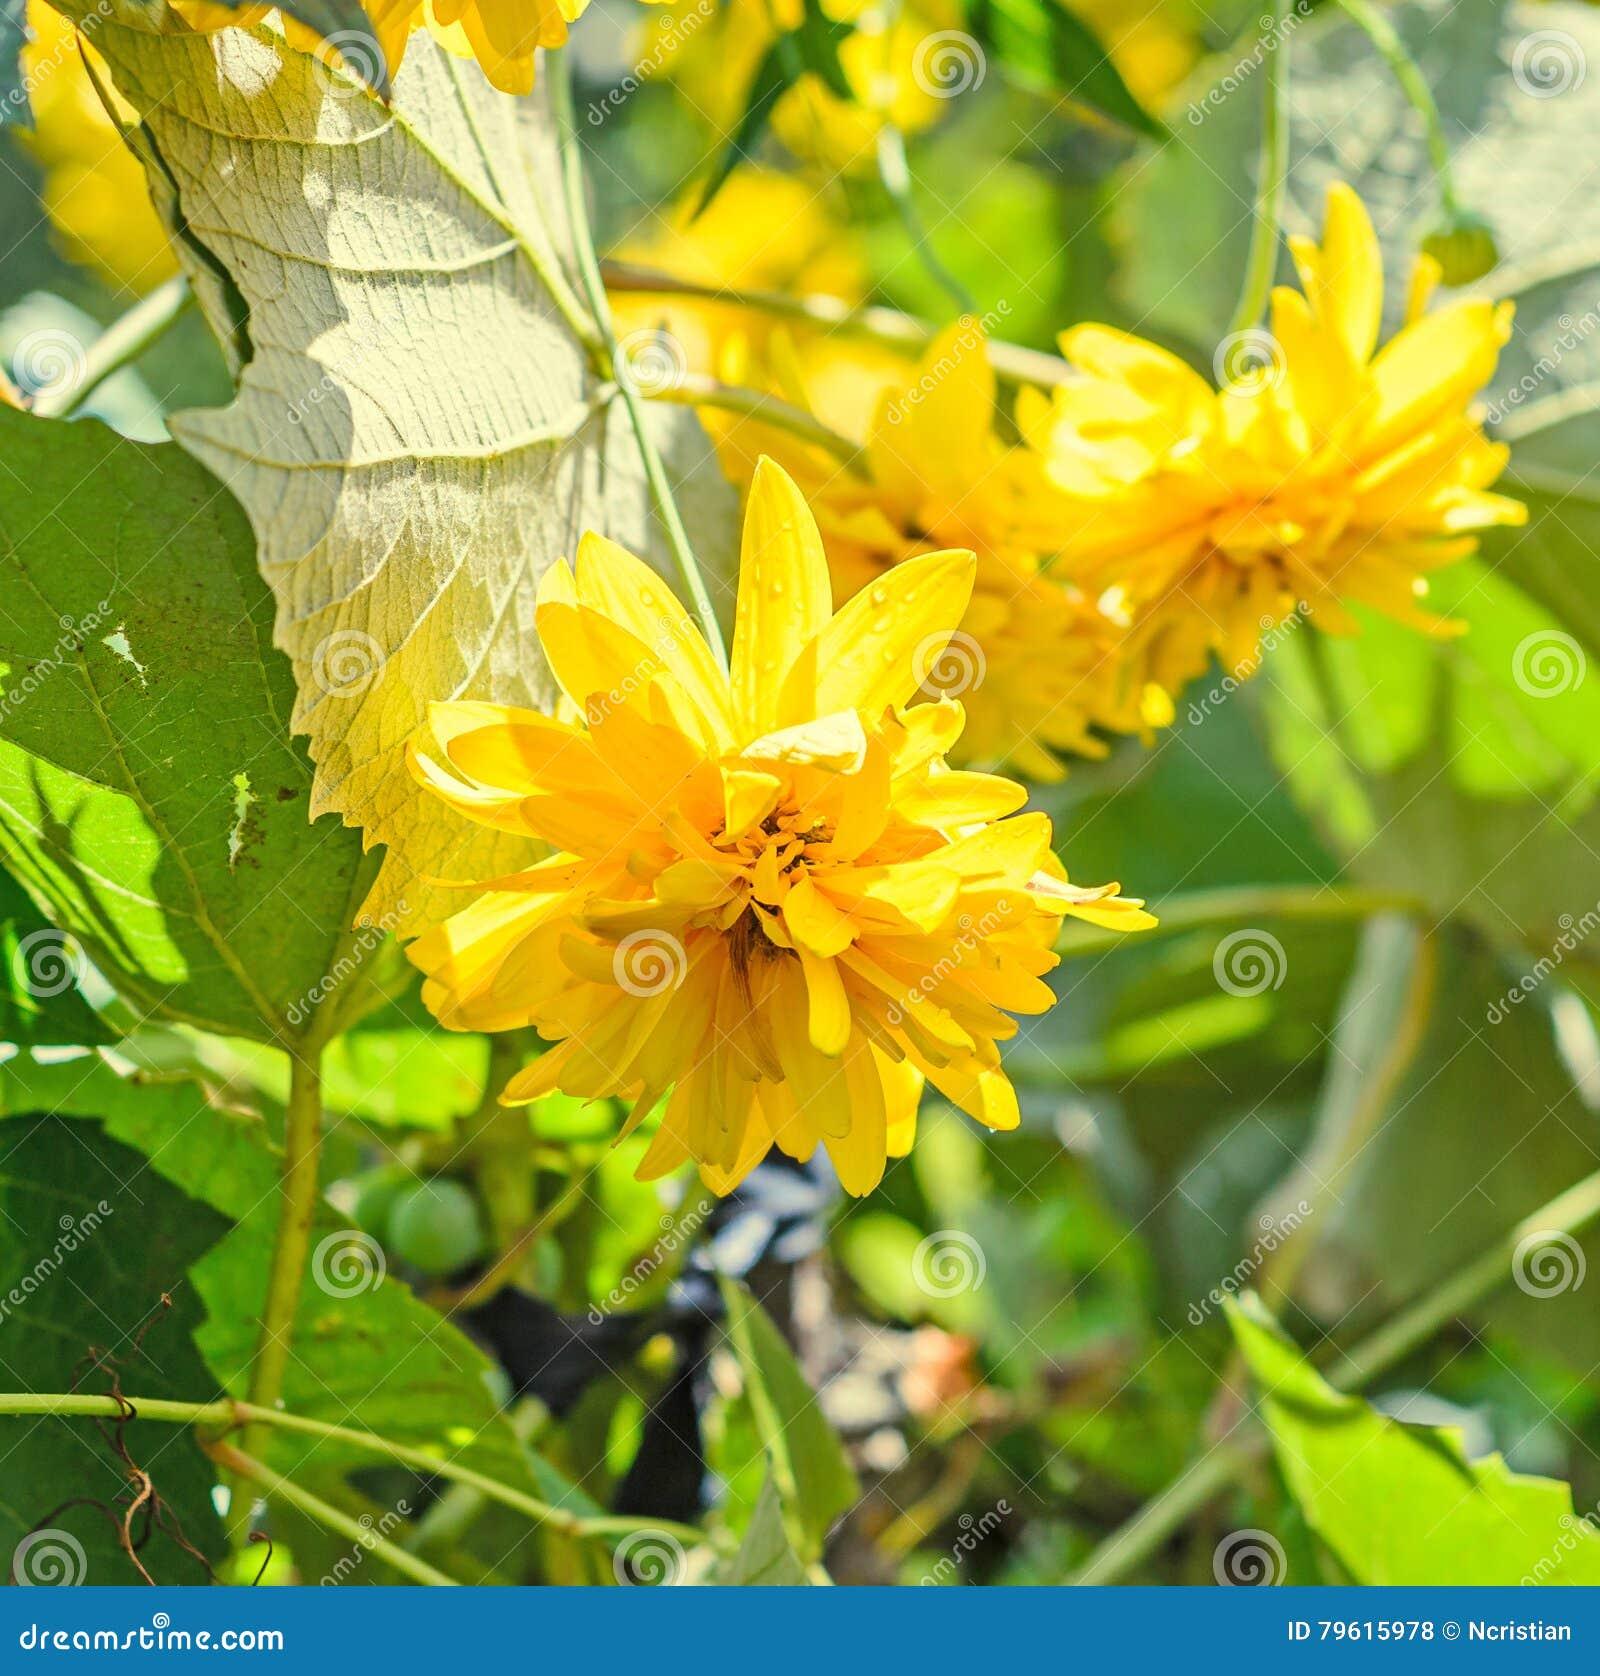 Flor da dália, margarida ou crisântemo amarelo, natural colorida